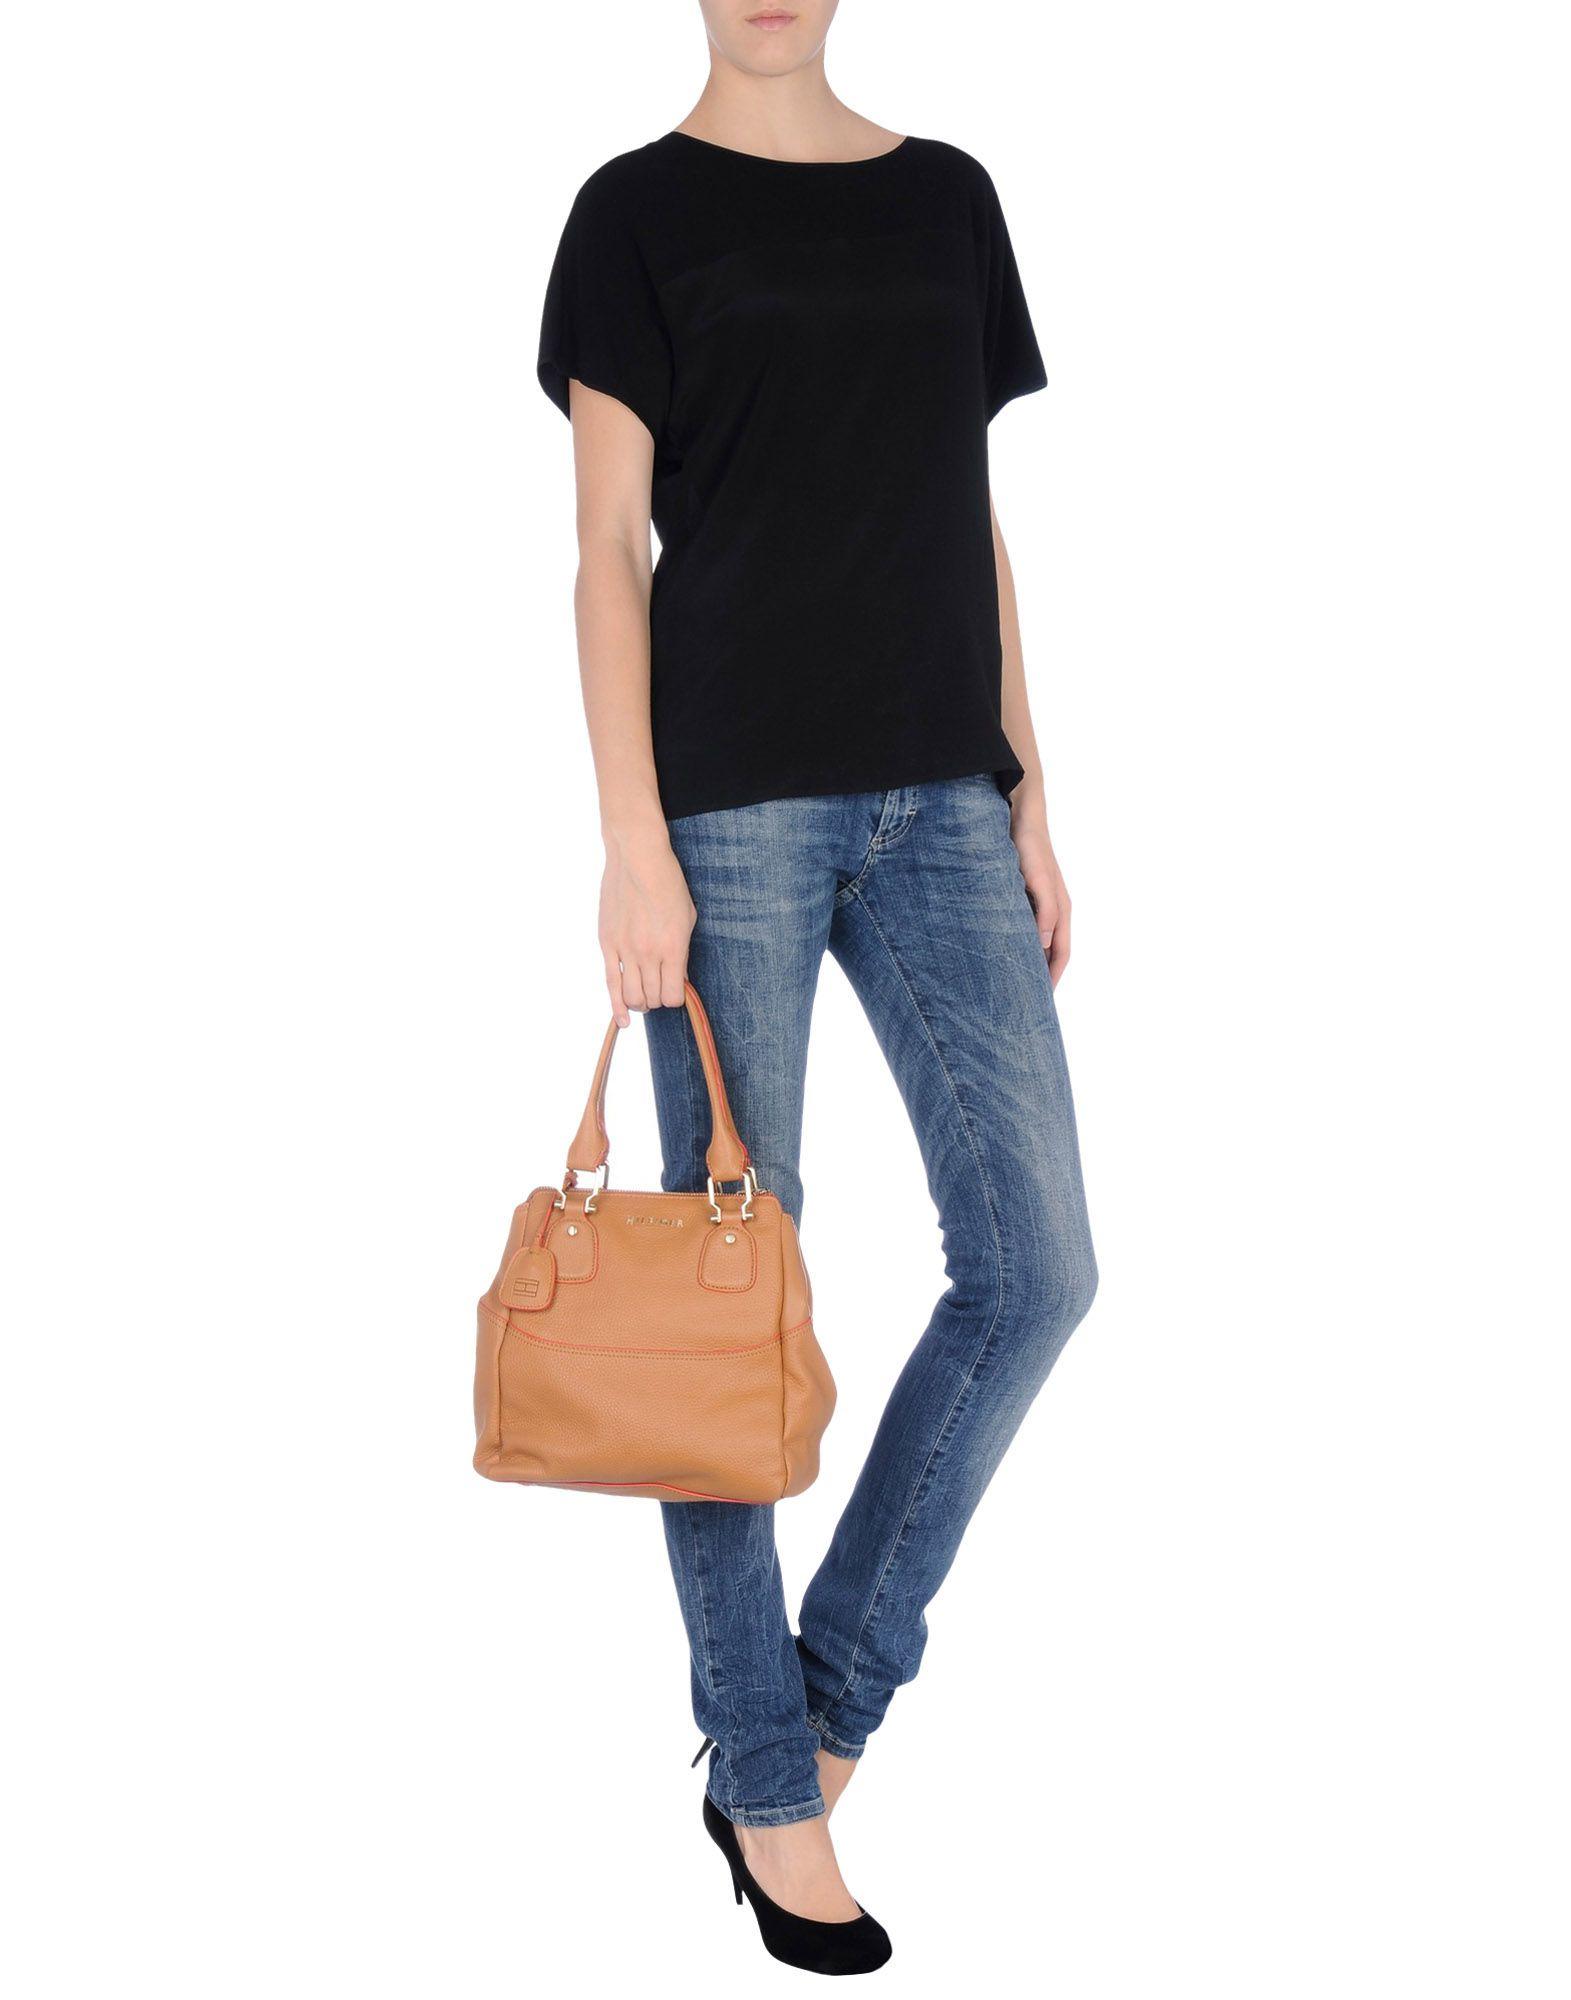 tommy hilfiger handbag in beige camel lyst. Black Bedroom Furniture Sets. Home Design Ideas